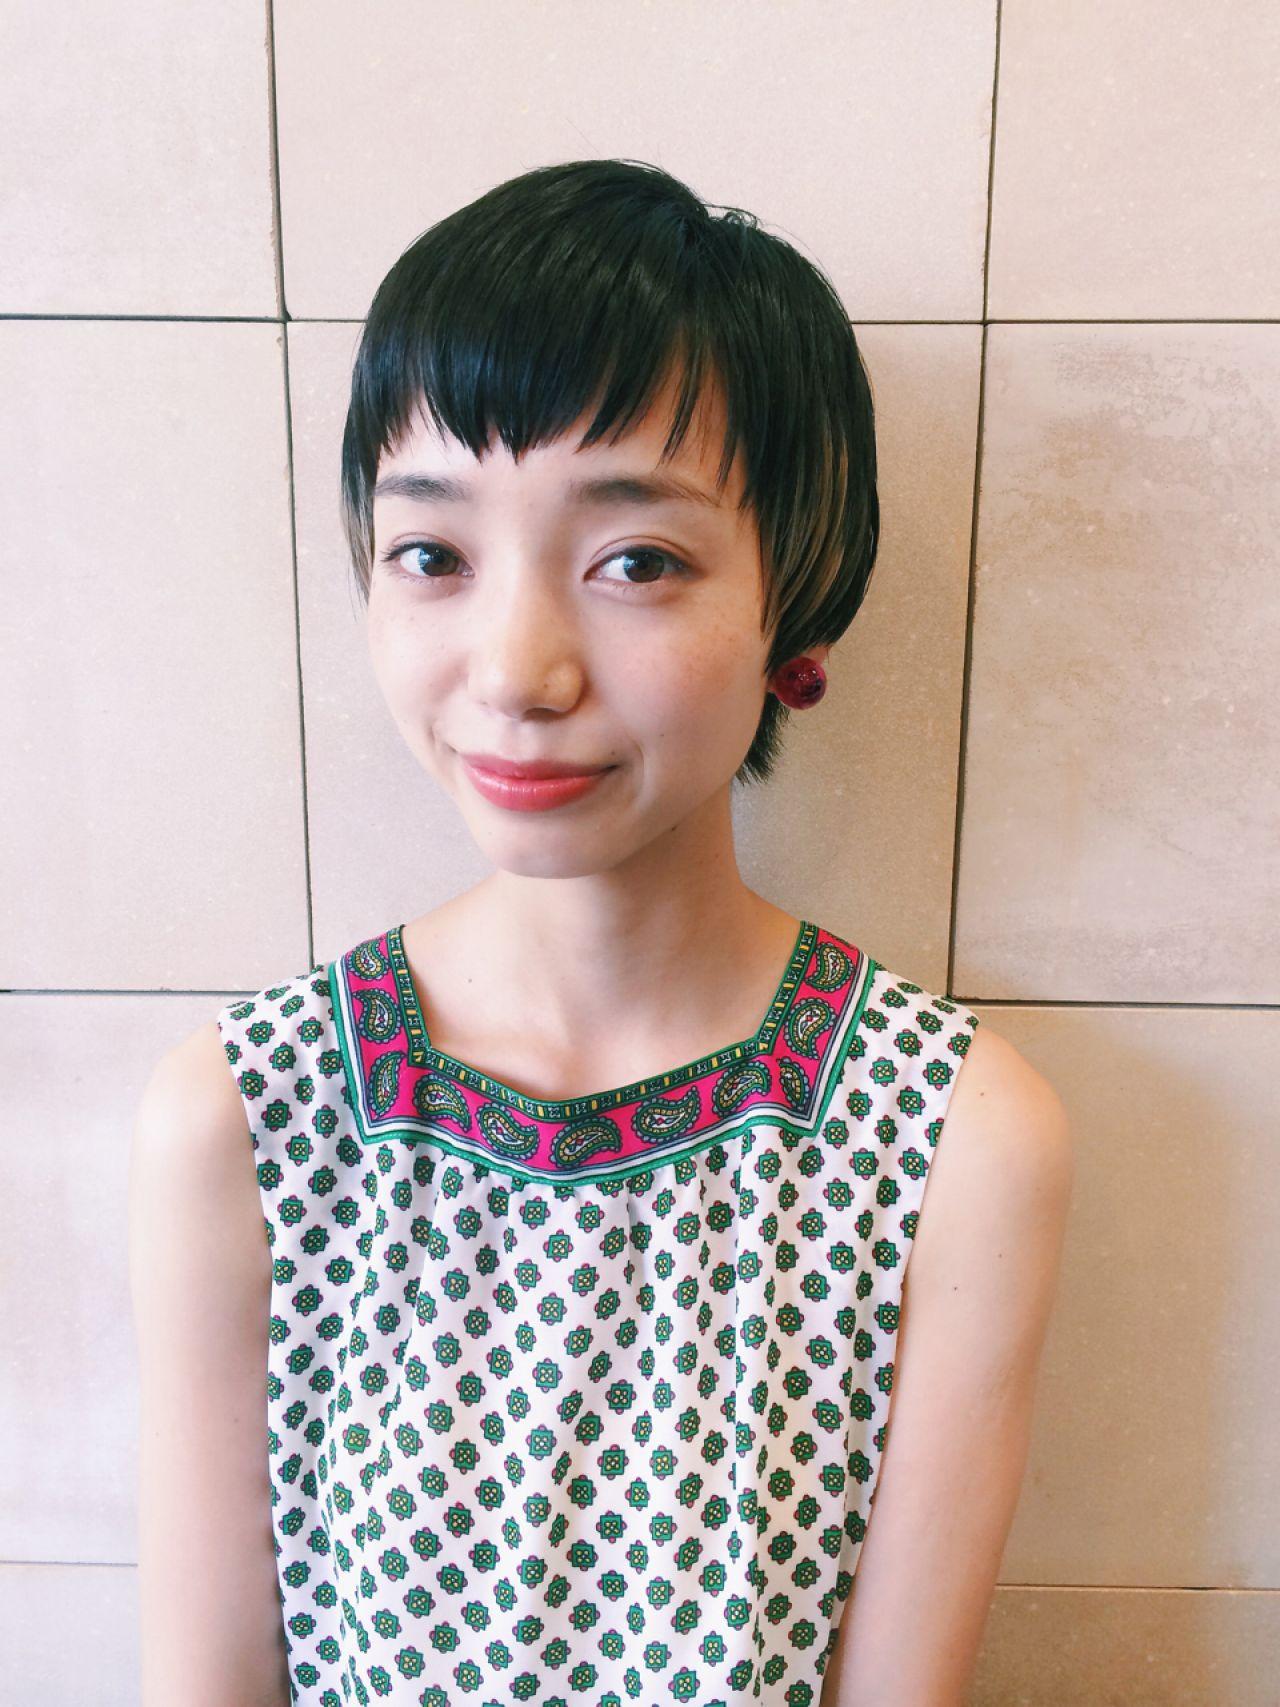 黒髪 ショート オン眉 ダブルカラー ヘアスタイルや髪型の写真・画像 | DAIKI / OOO YY